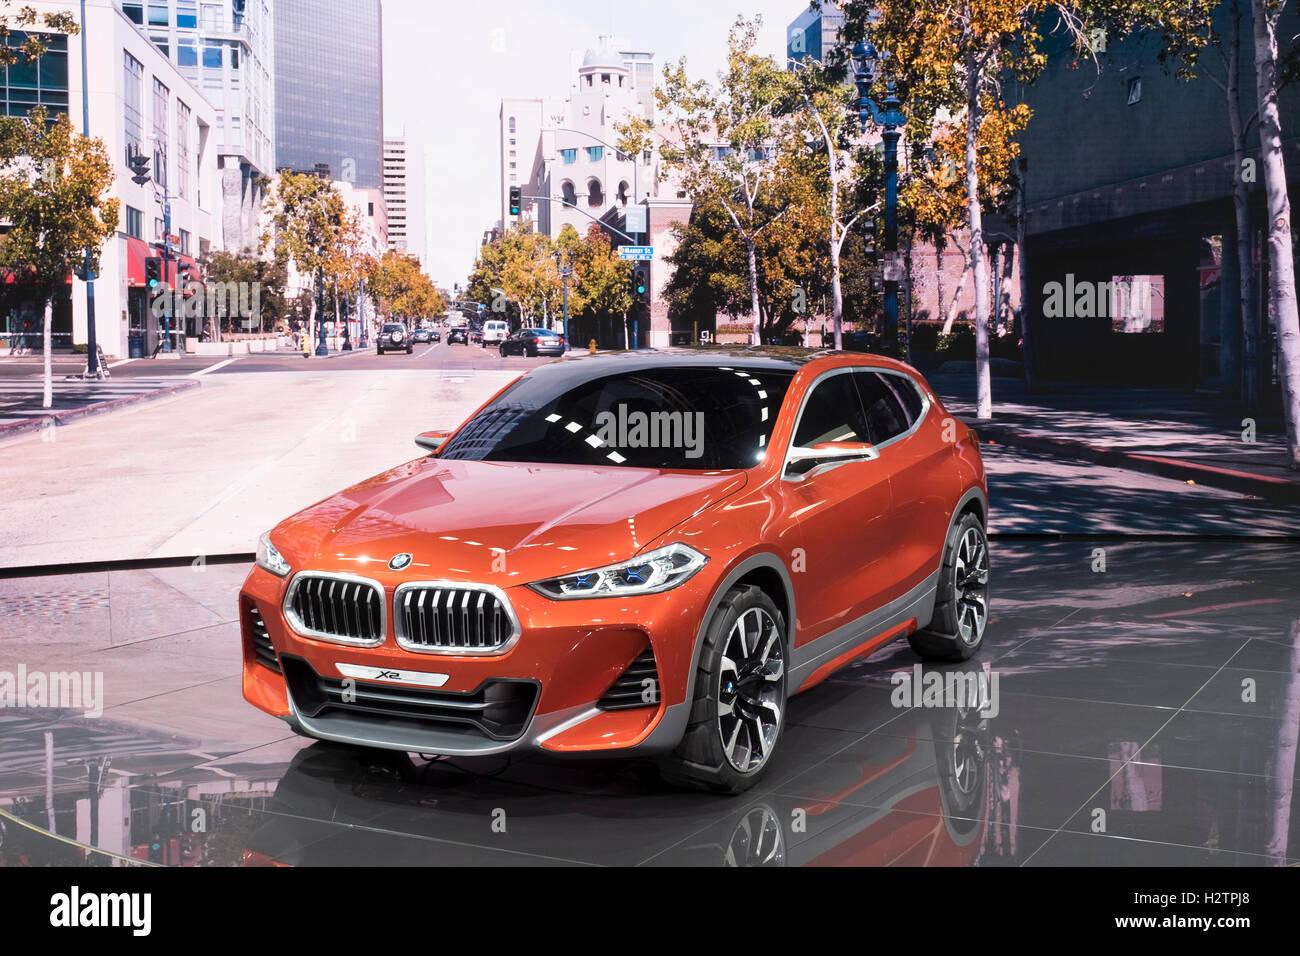 Vista della premiere mondiale di BMW X2 Concept SUV al Paris Motor Show 2016 Immagini Stock